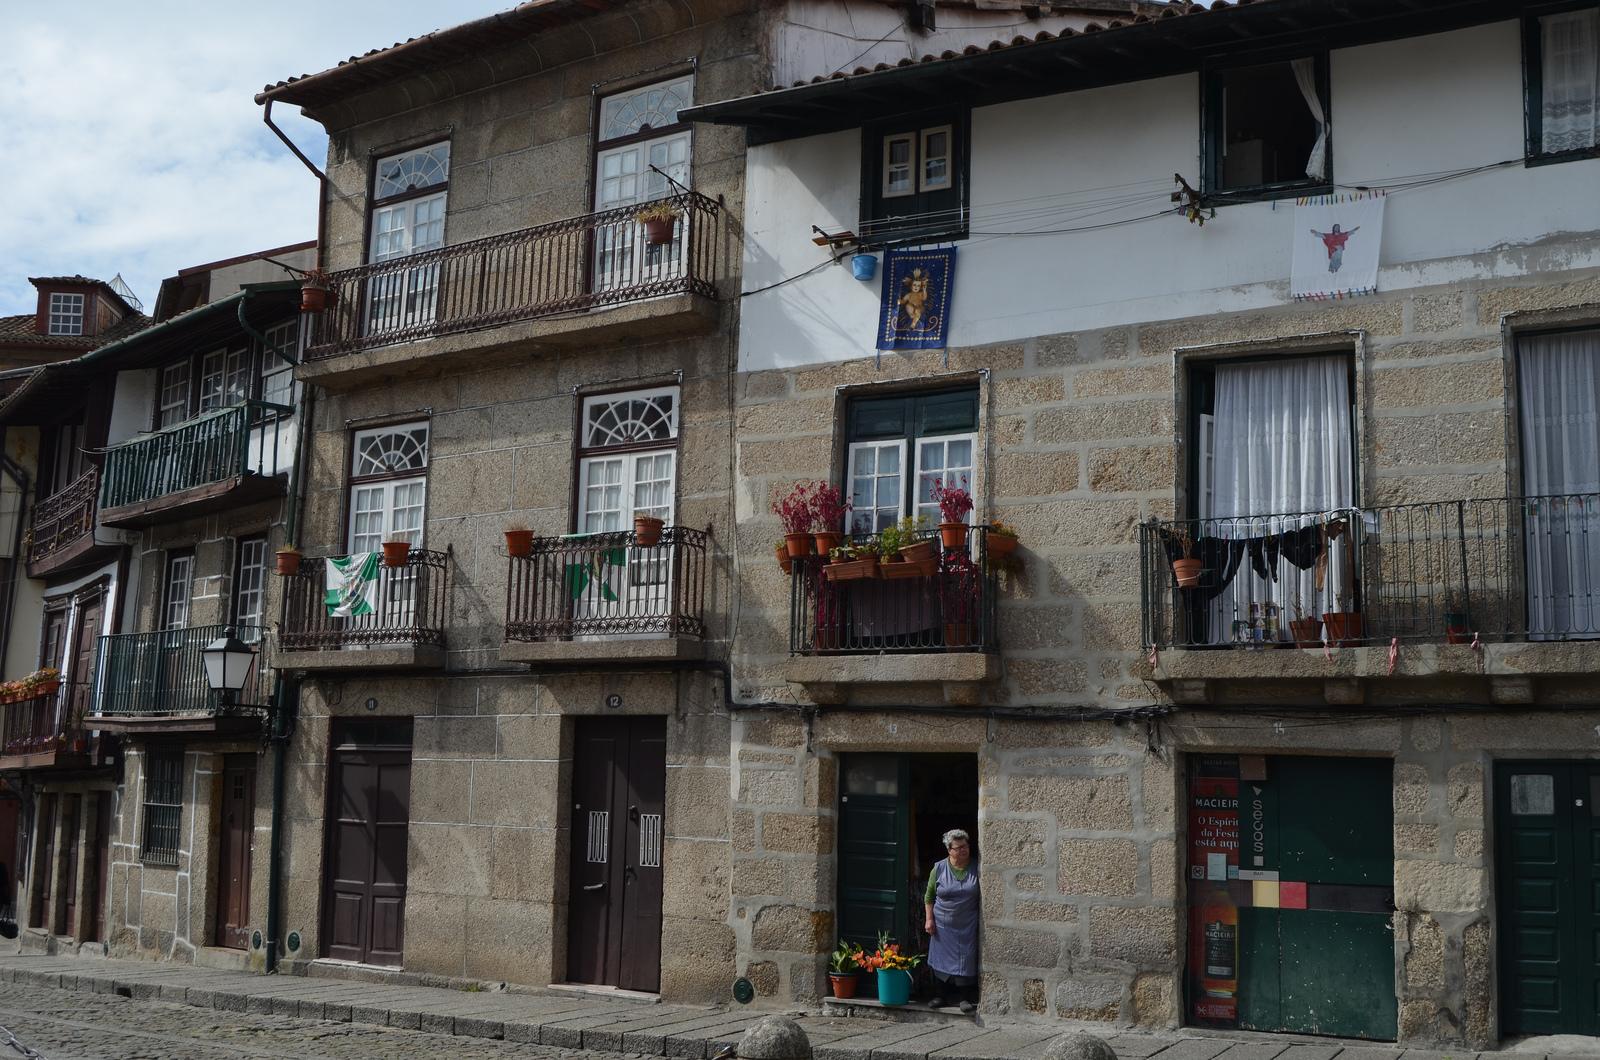 Casas típicas Guimarães, Portugal